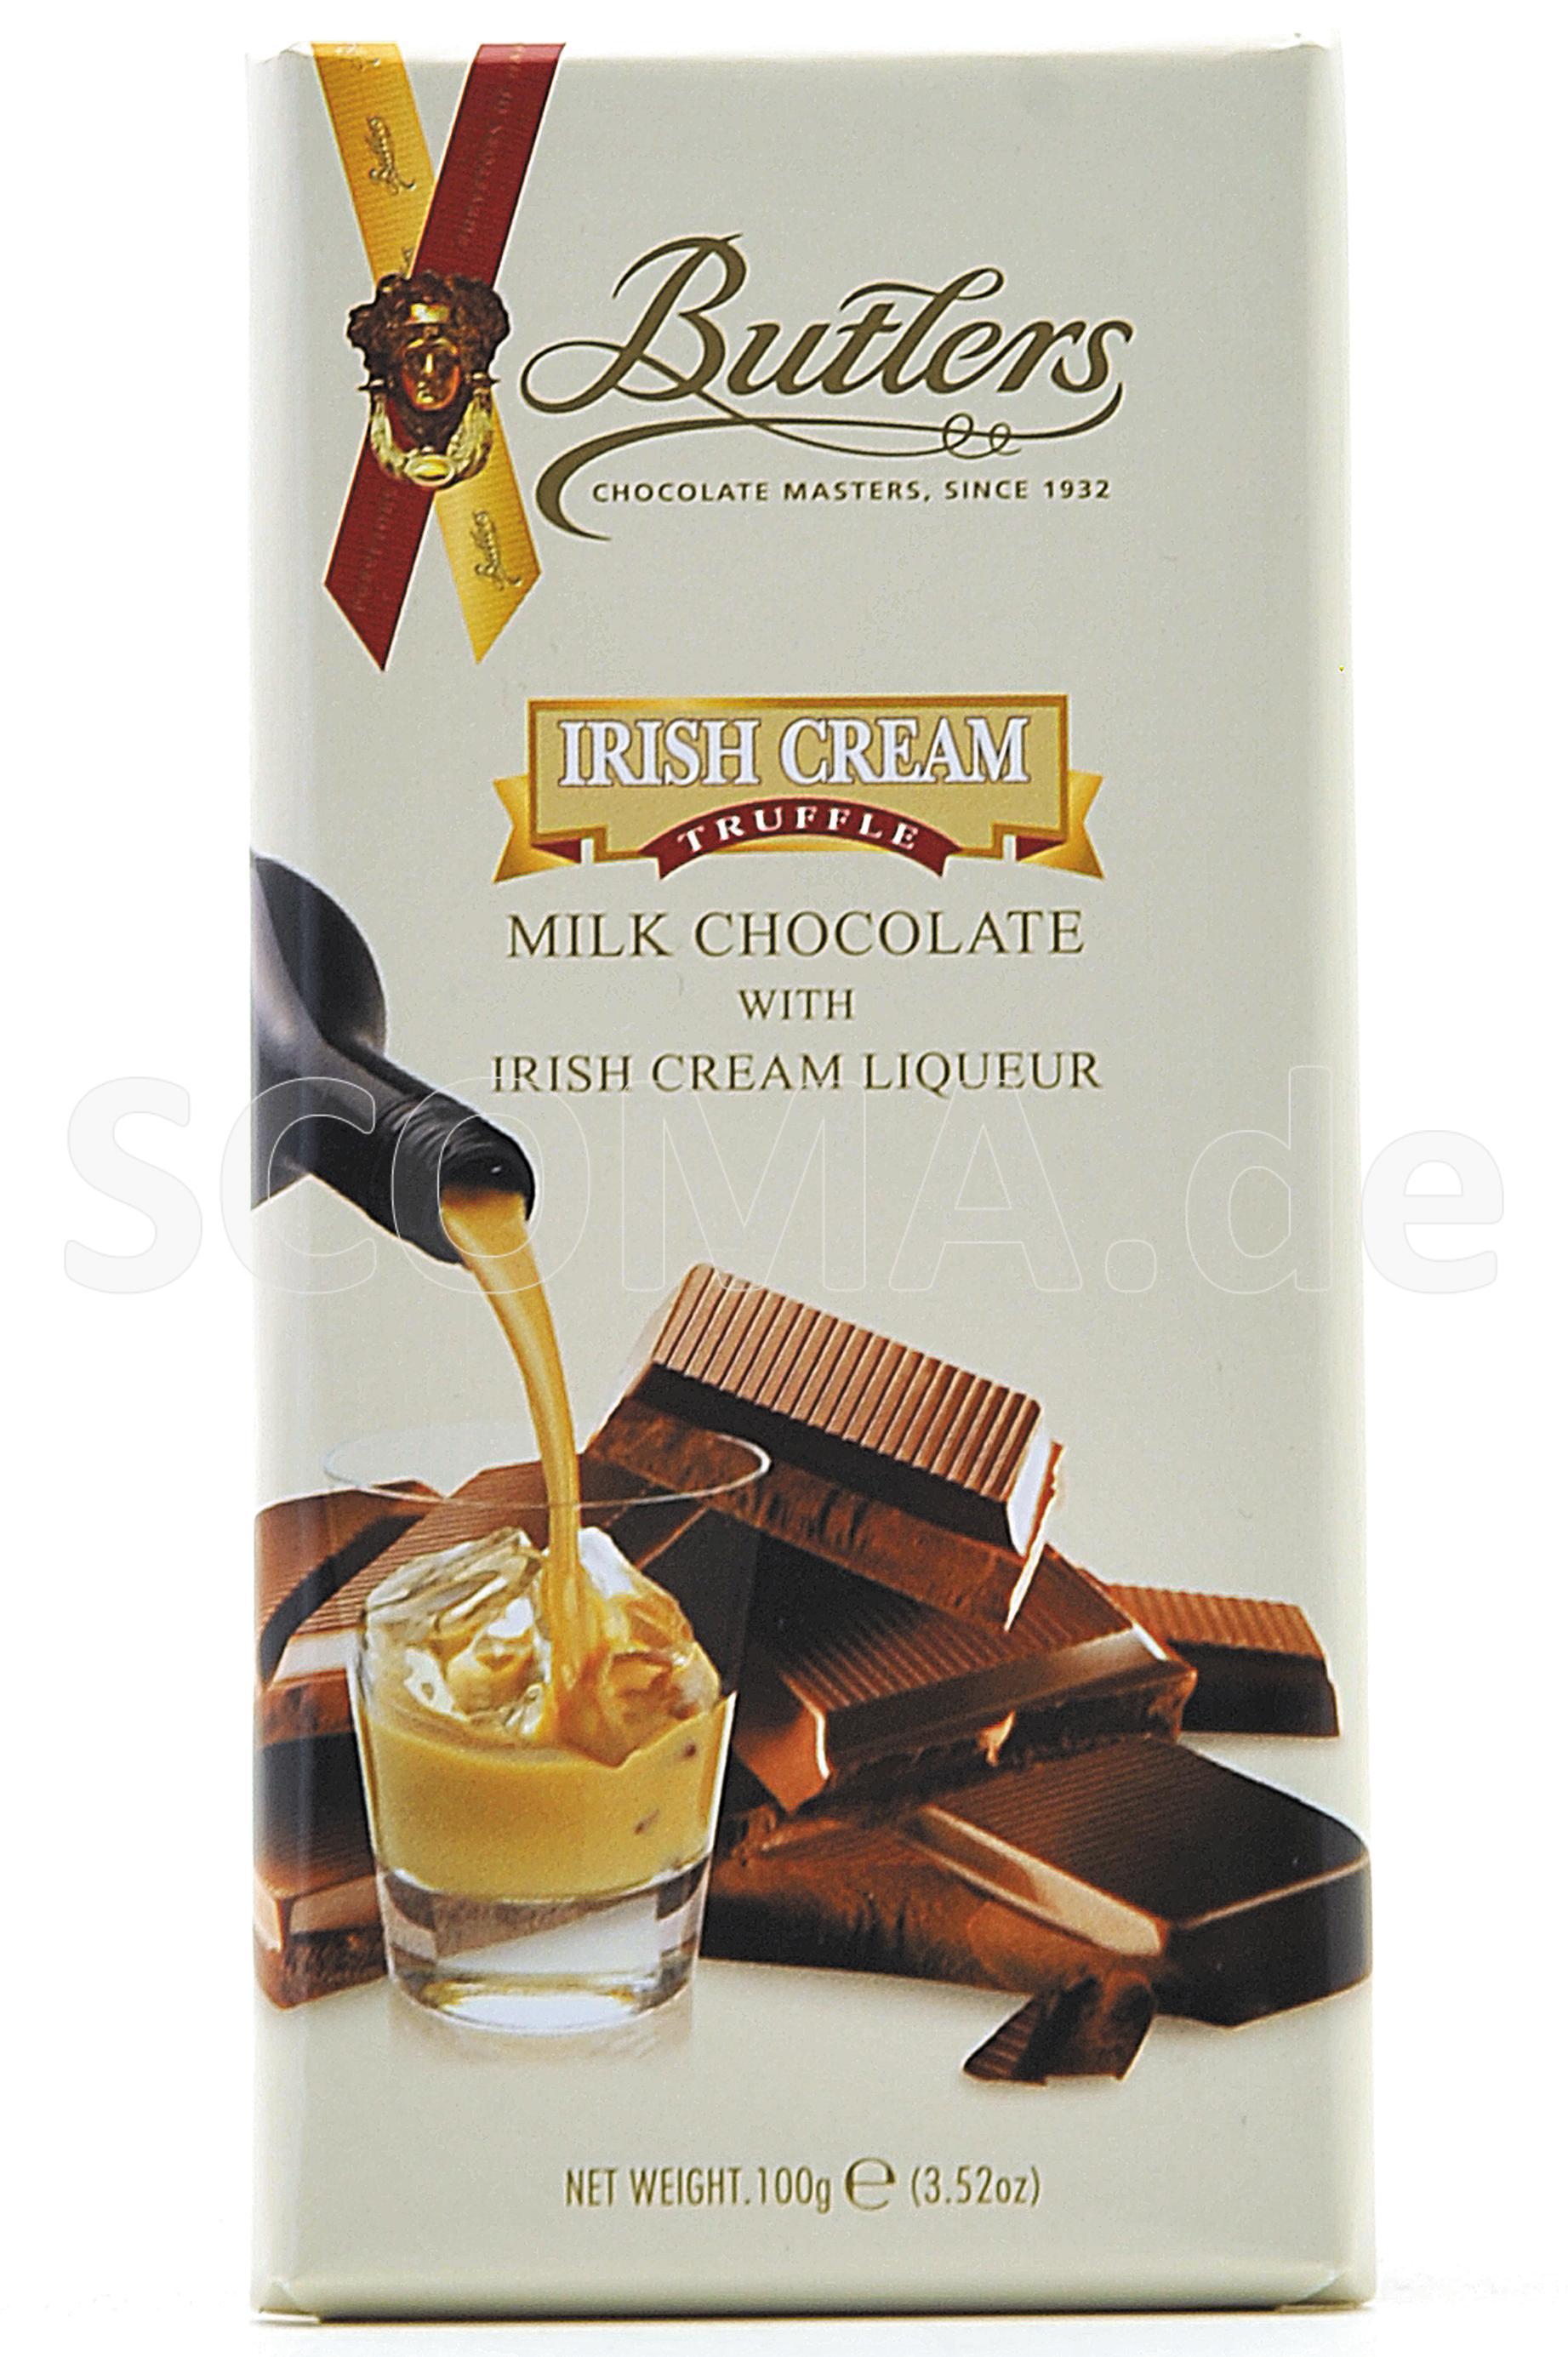 Butlers Irish Cream Truffle Mi...